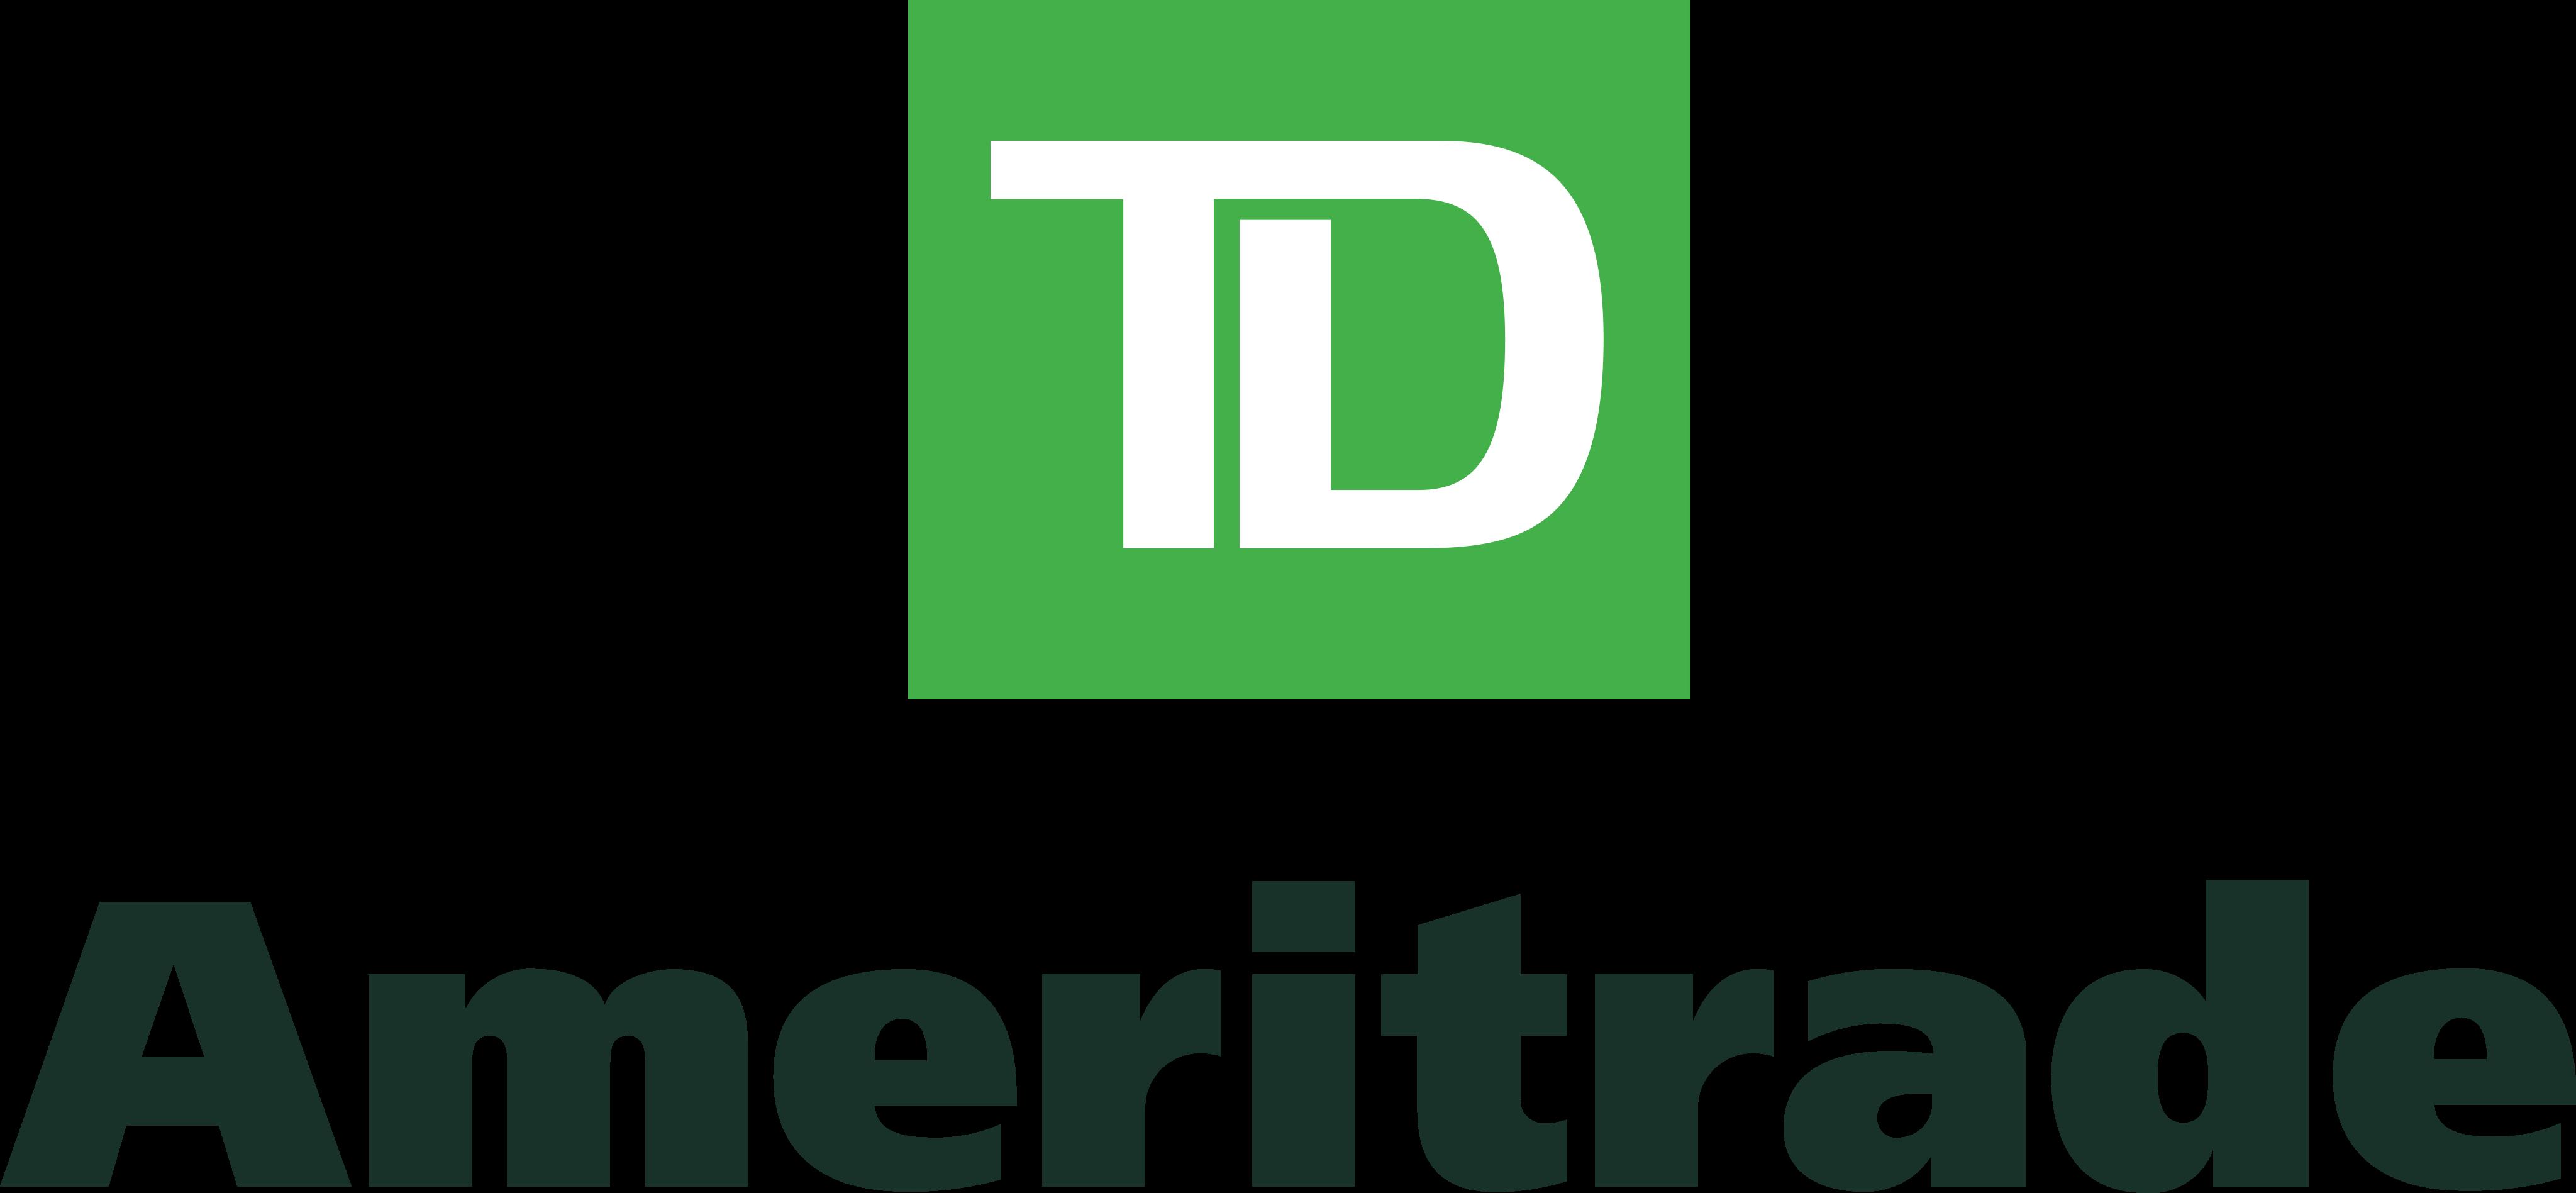 td ameritrade logo 1 - TD Ameritrade Logo